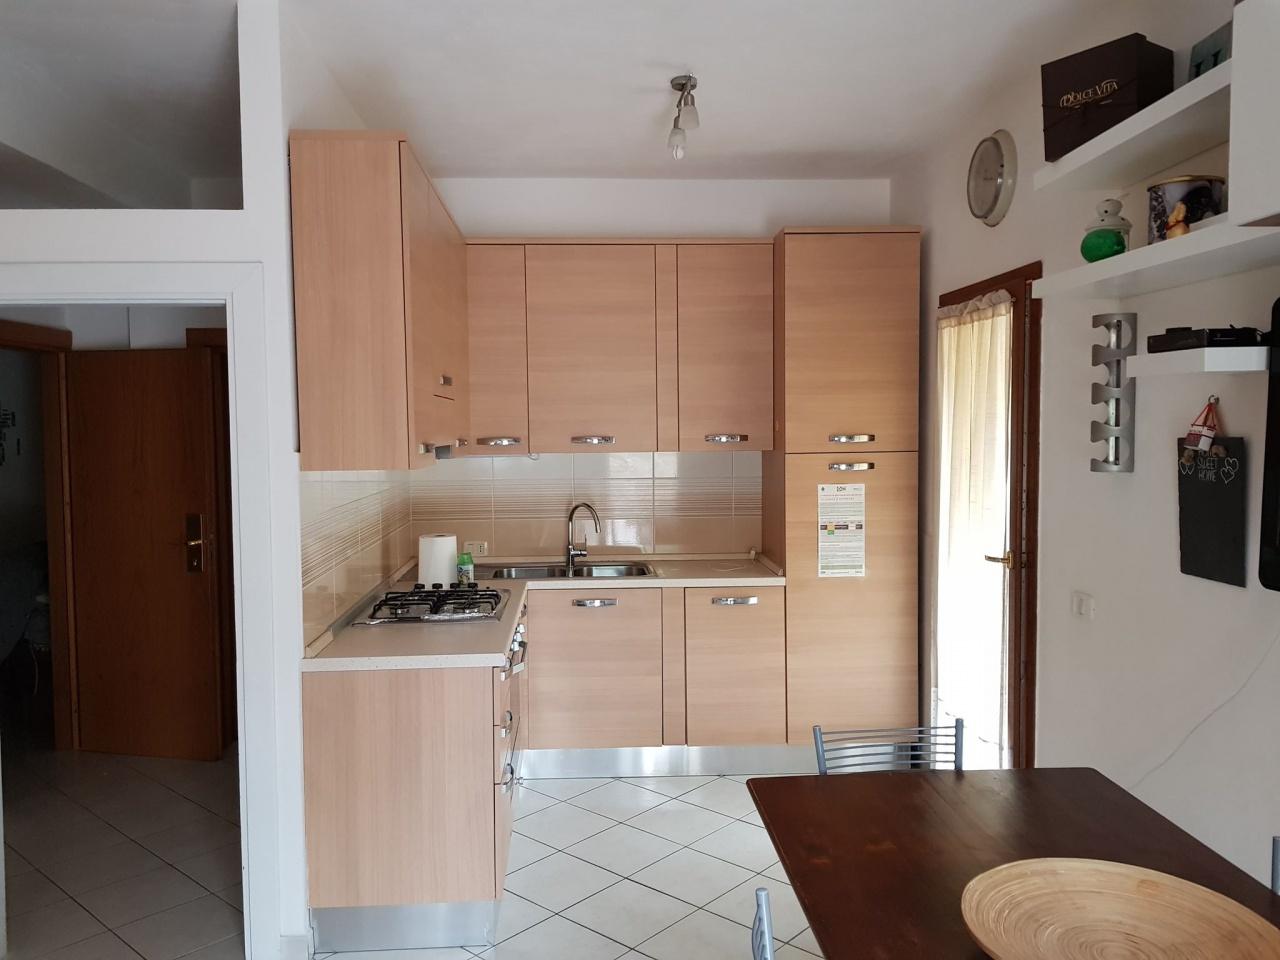 Appartamento in vendita a Gavorrano, 3 locali, prezzo € 105.000 | PortaleAgenzieImmobiliari.it